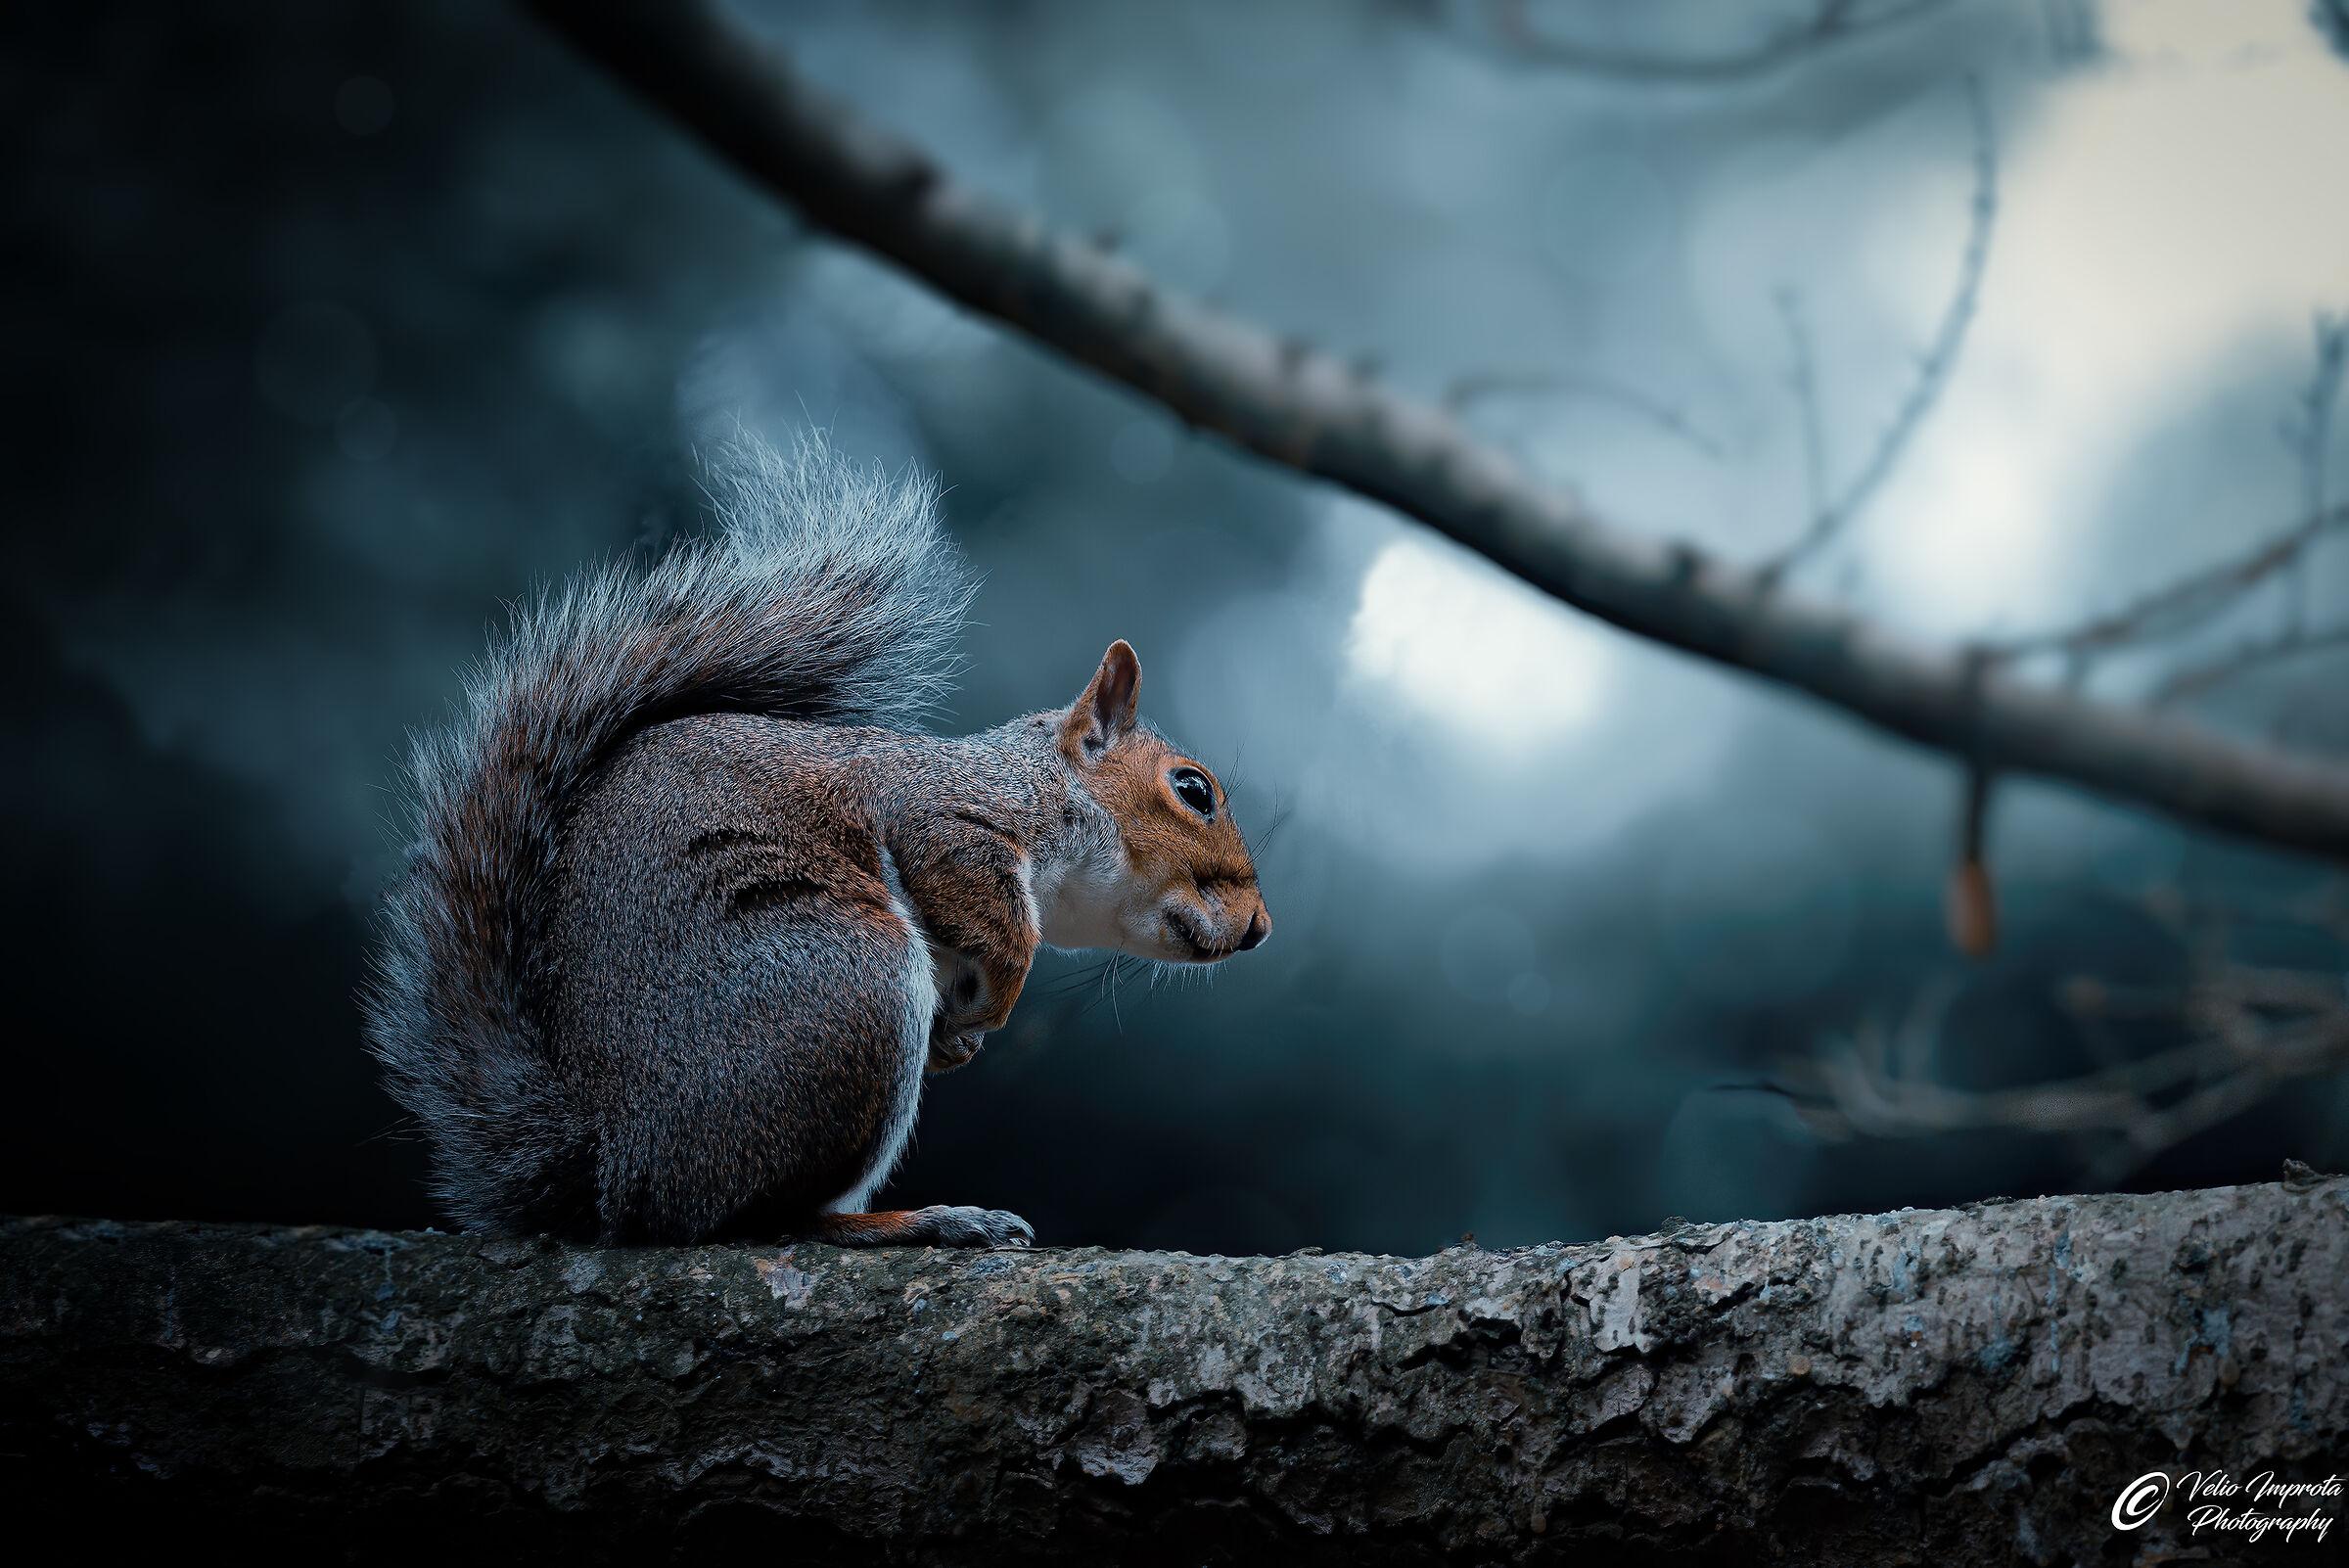 Mr. Squirrel...